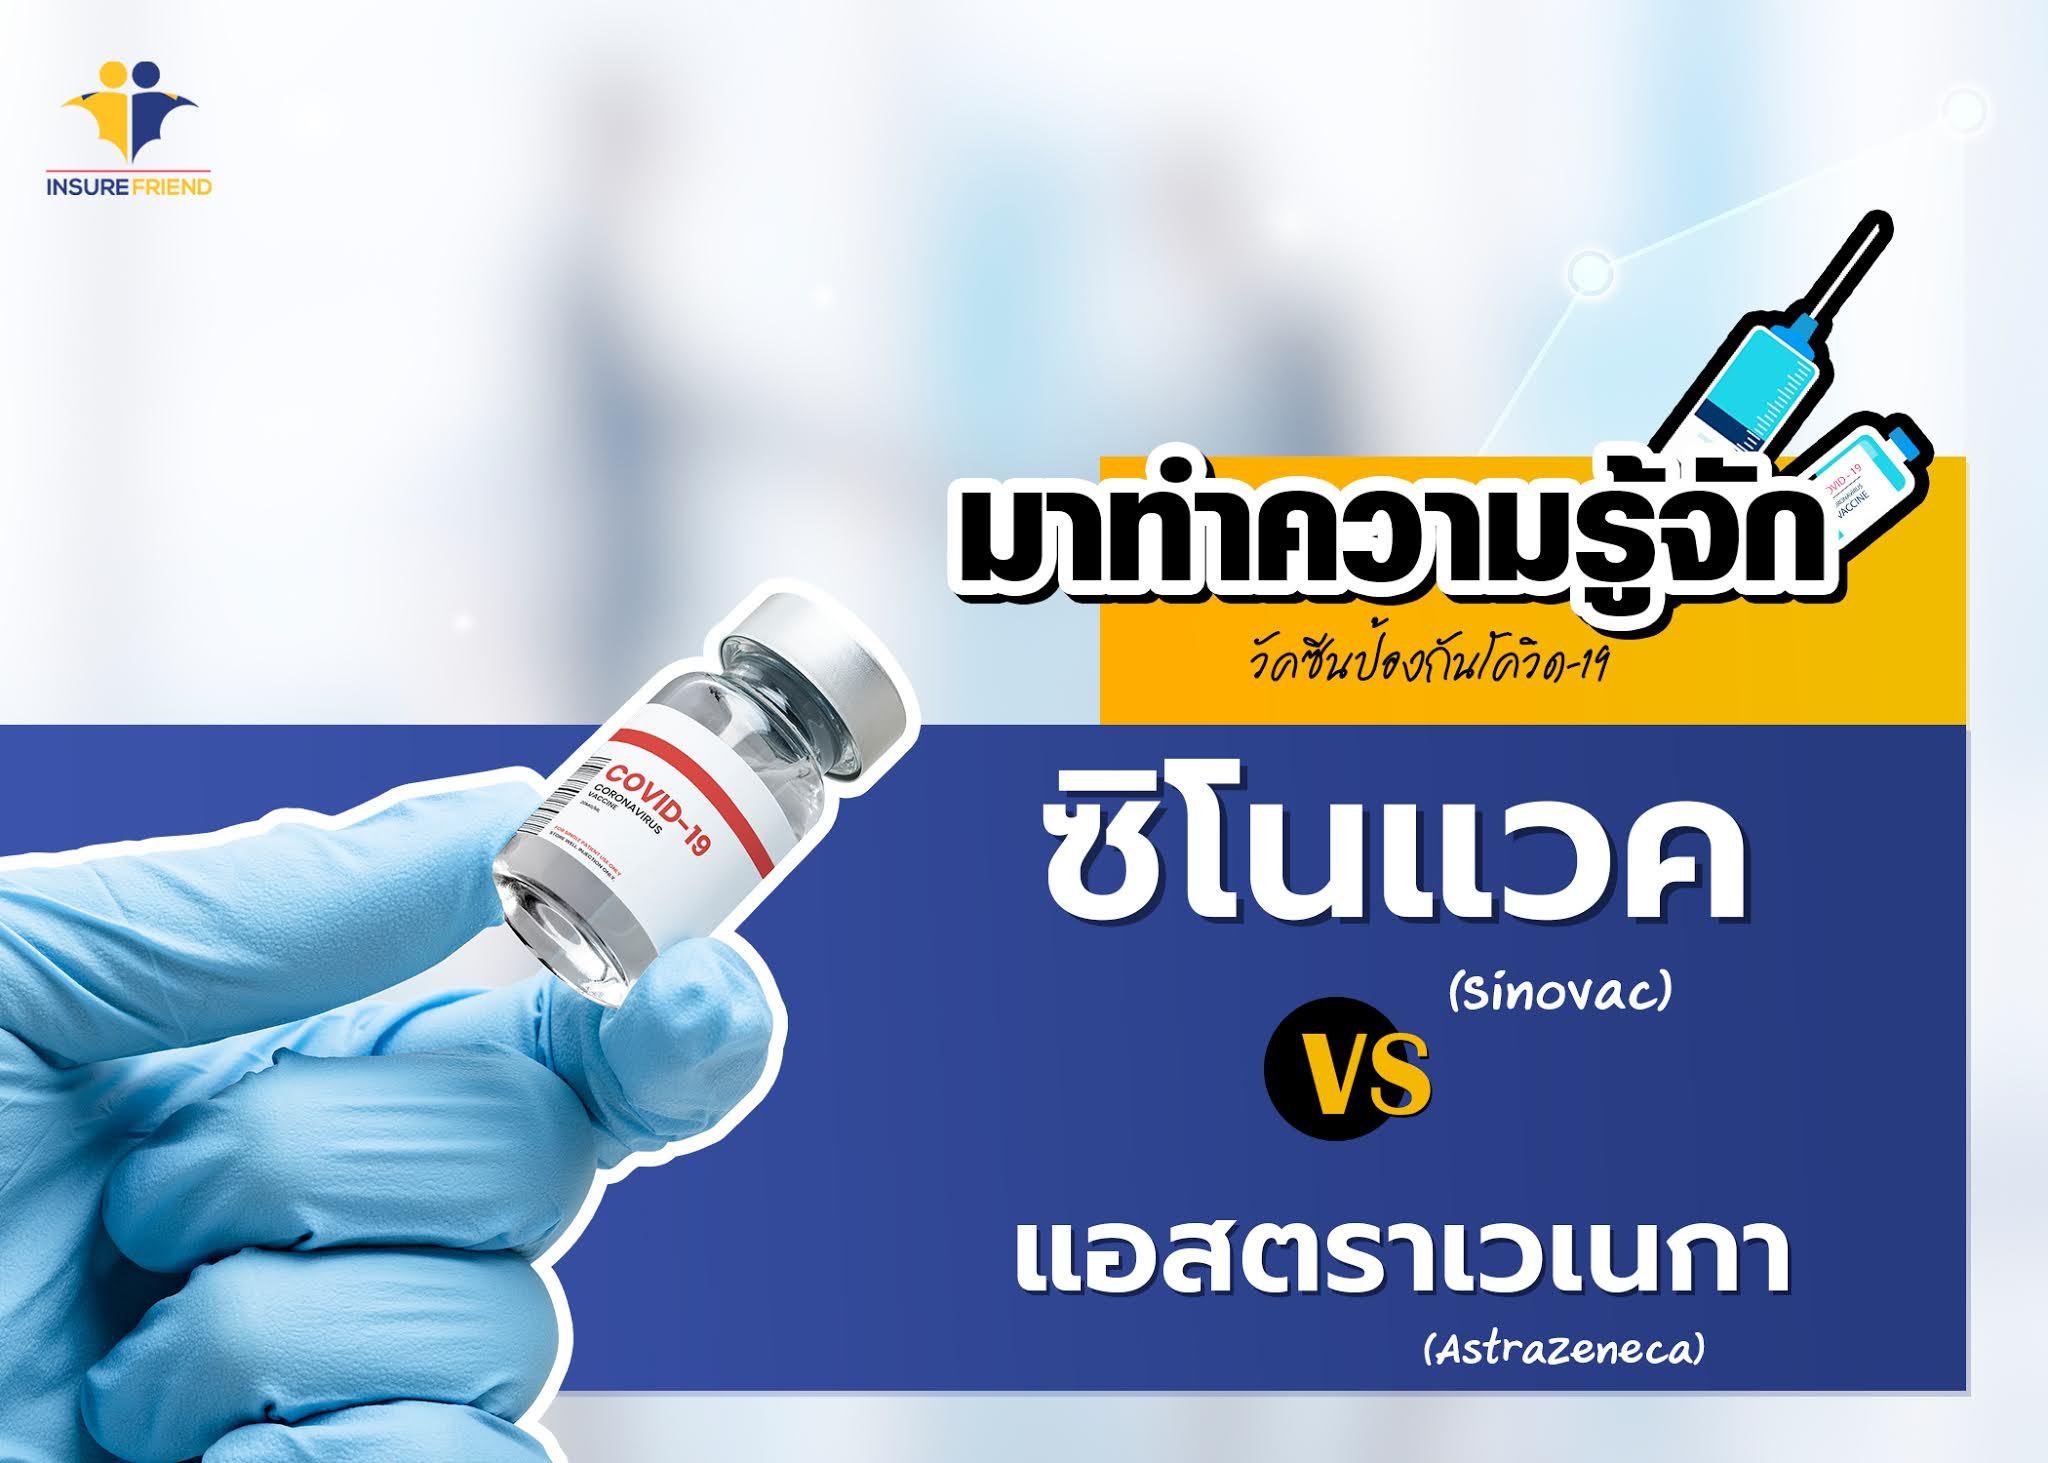 วัคซีนซิโนแวค VS วัคซีนแอสตราเซเนกา